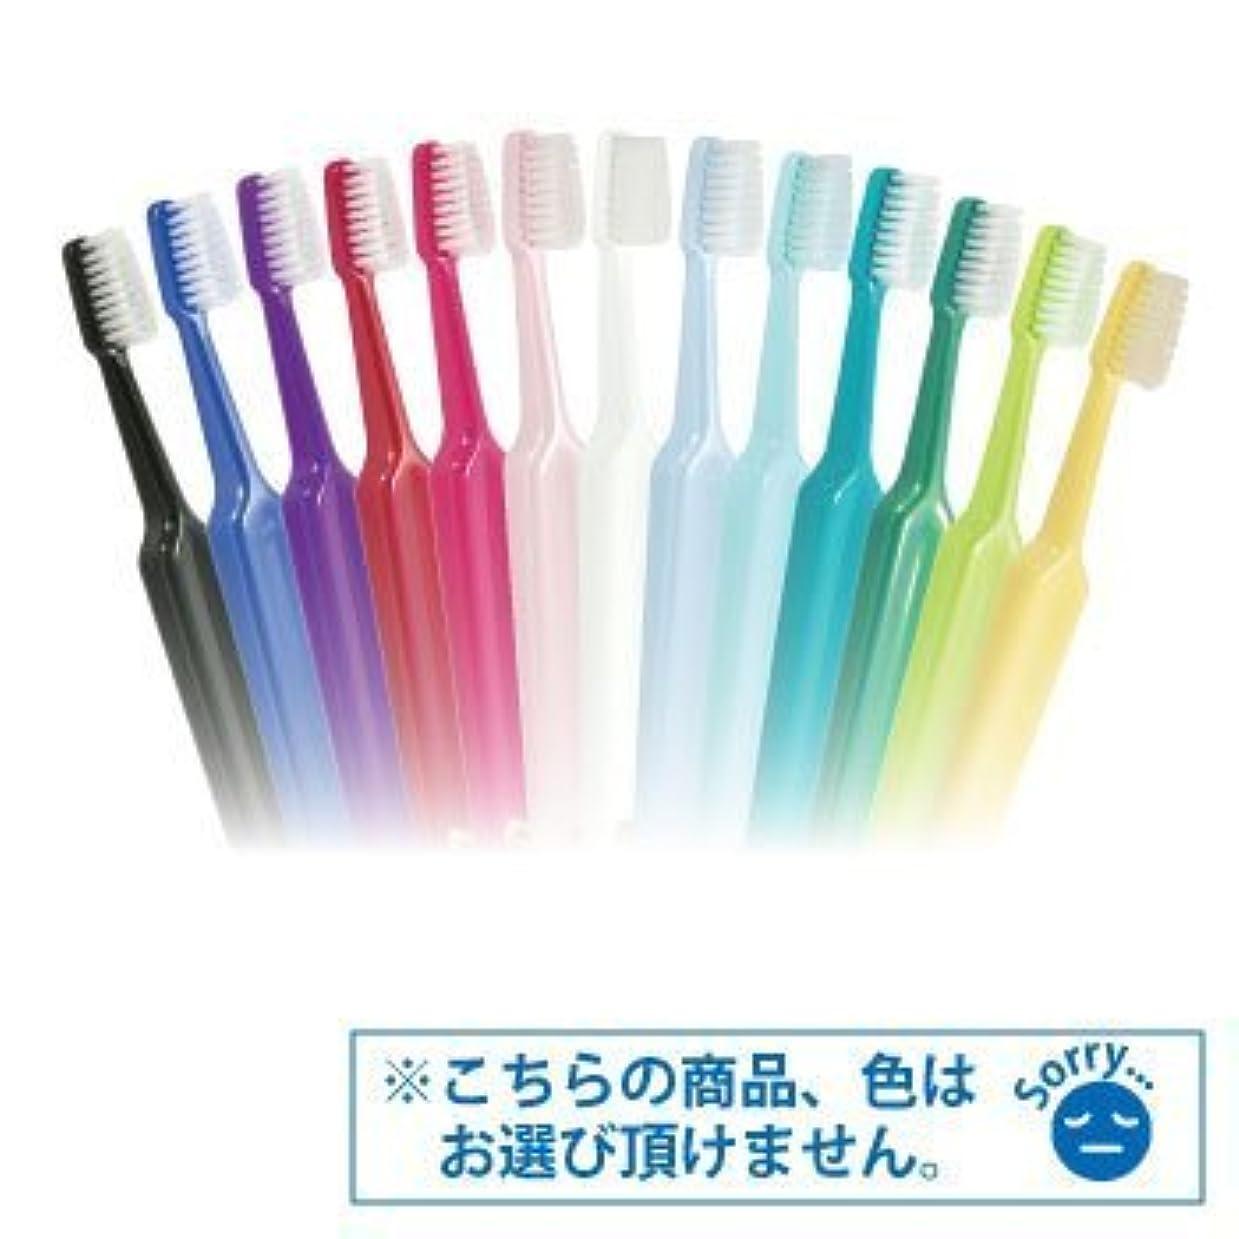 膜に勝る美徳Tepe歯ブラシ セレクトコンパクト /ソフト 10本入り